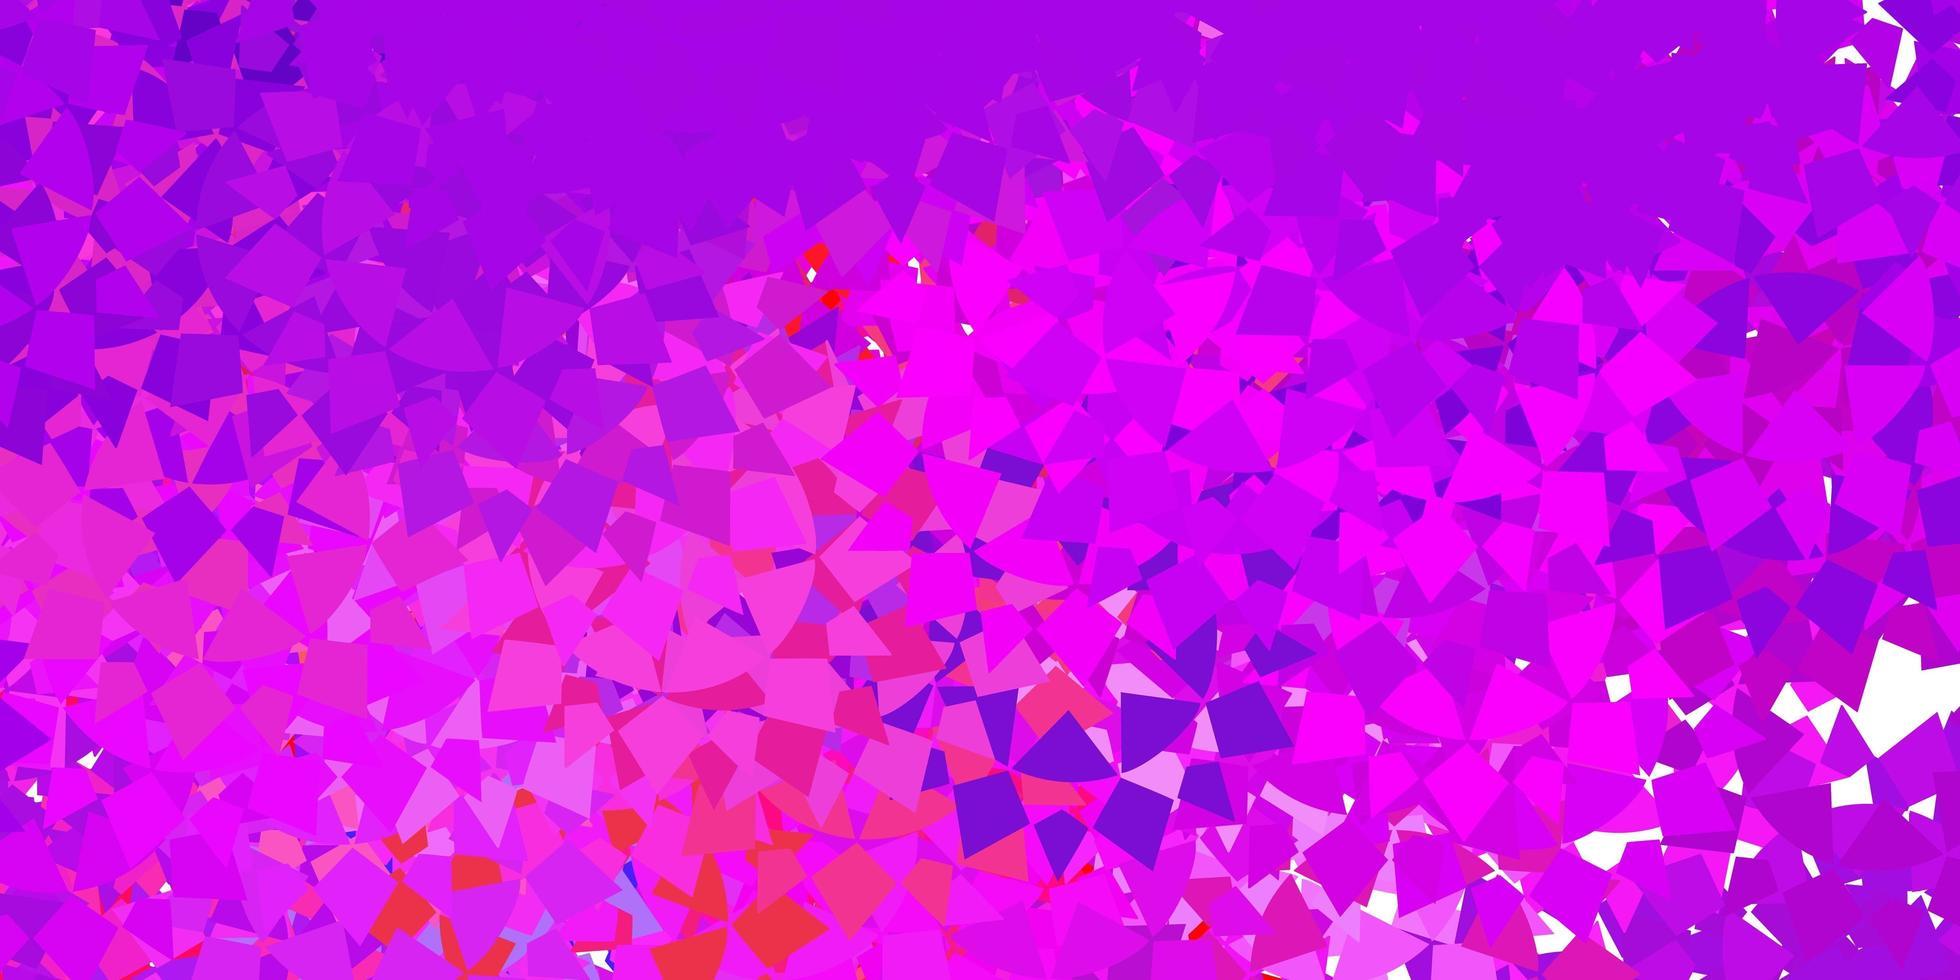 leichte mehrfarbige Vektortextur mit zufälligen Dreiecken. vektor